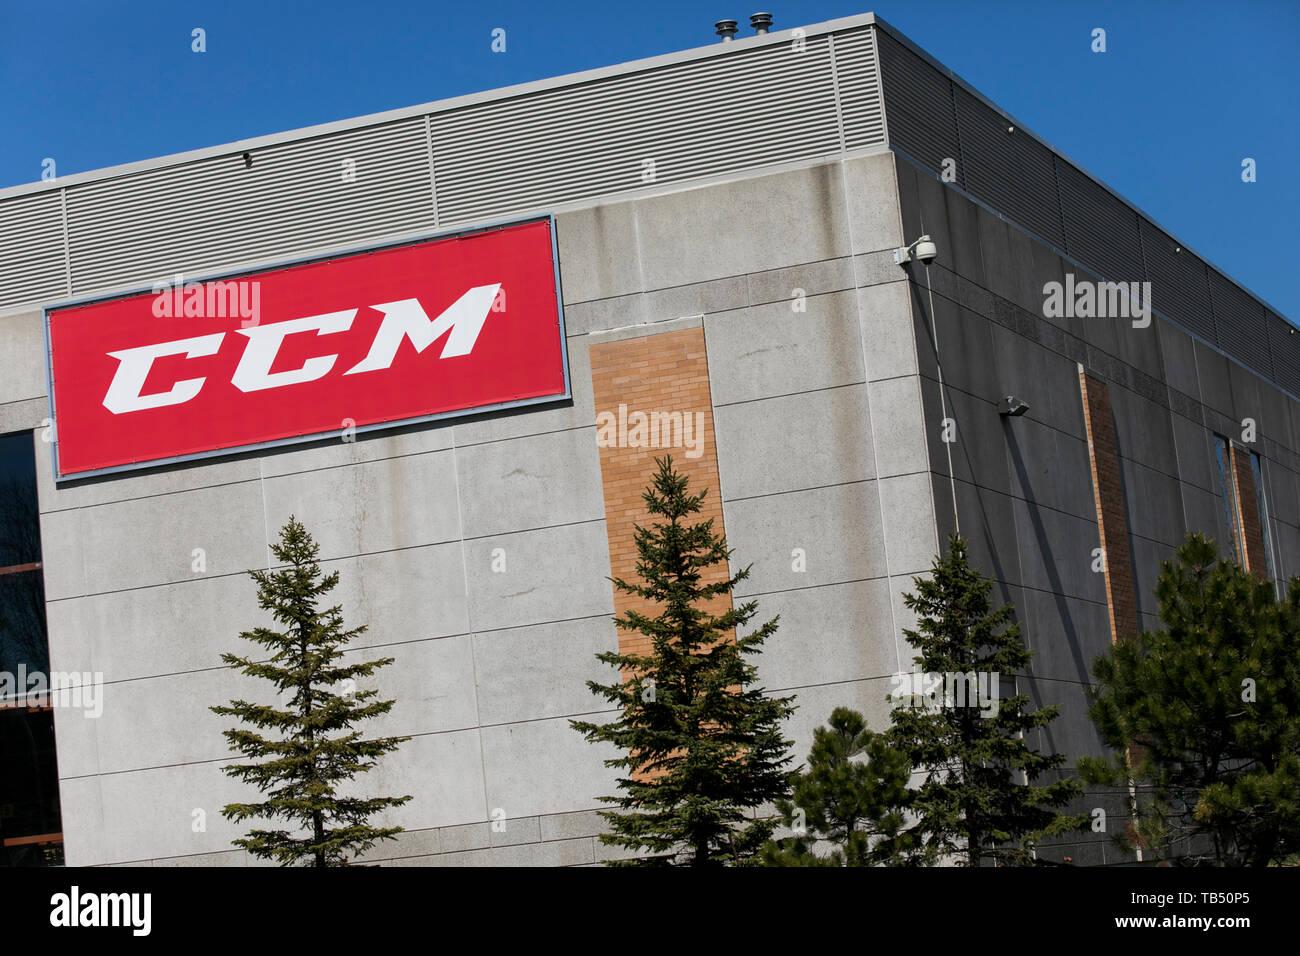 Un logotipo cartel fuera de una instalación ocupada por deporte Maska Inc. (CCM Hockey) en Saint-Laurent, Quebec, Canadá, el 21 de abril de 2019. Imagen De Stock